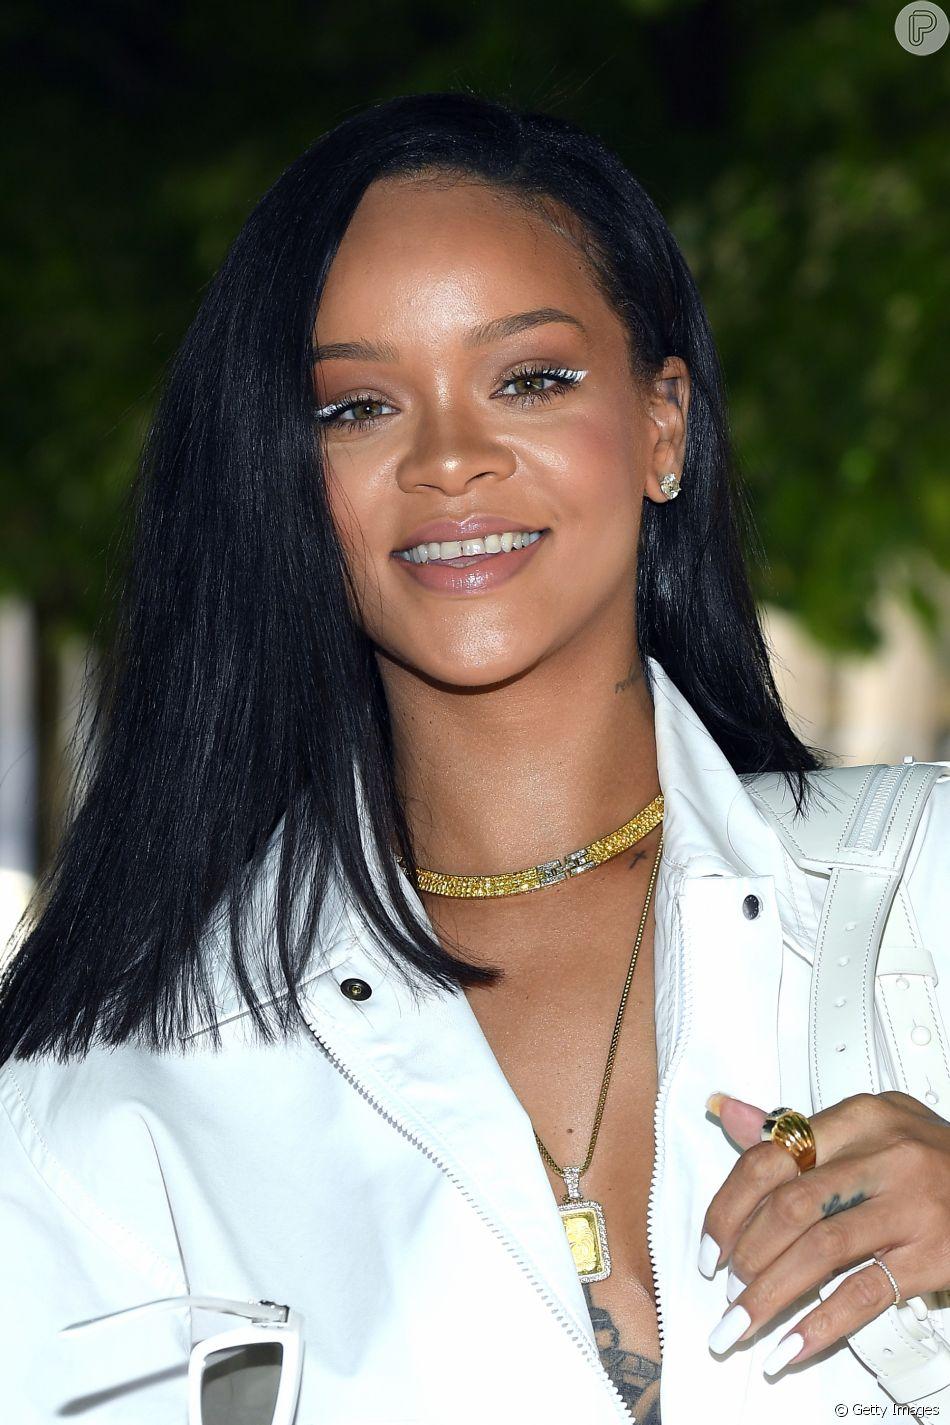 A Fenty Beauty, marca de maquiagem de Rihanna, anuncia lançamento de sua nova coleção de produtos para os olhos